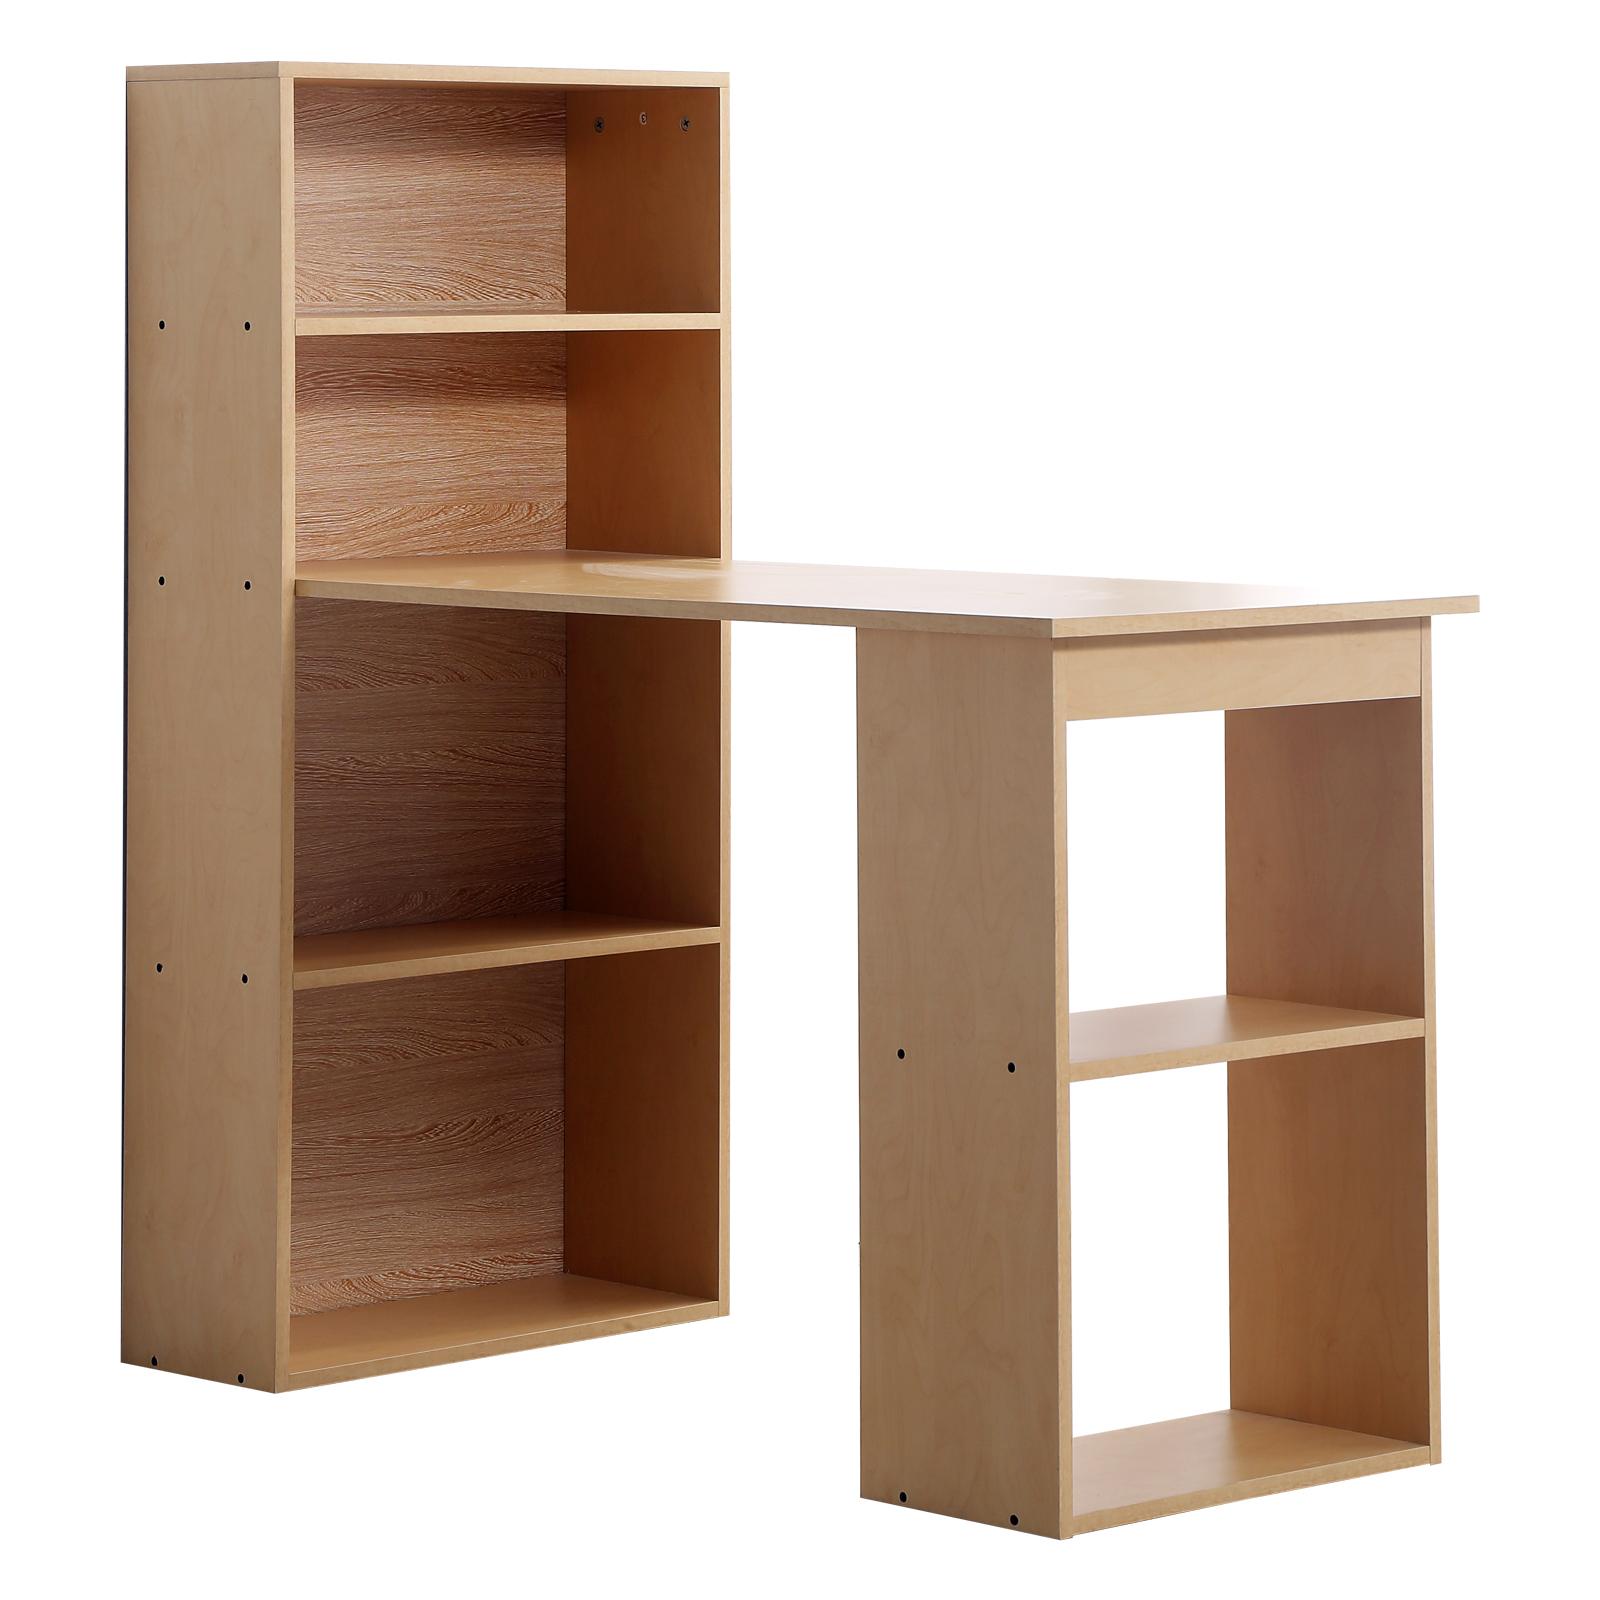 Homcom Birou modern cu Librarie in Lemn Natural 120x55x120cm imagine aosom.ro